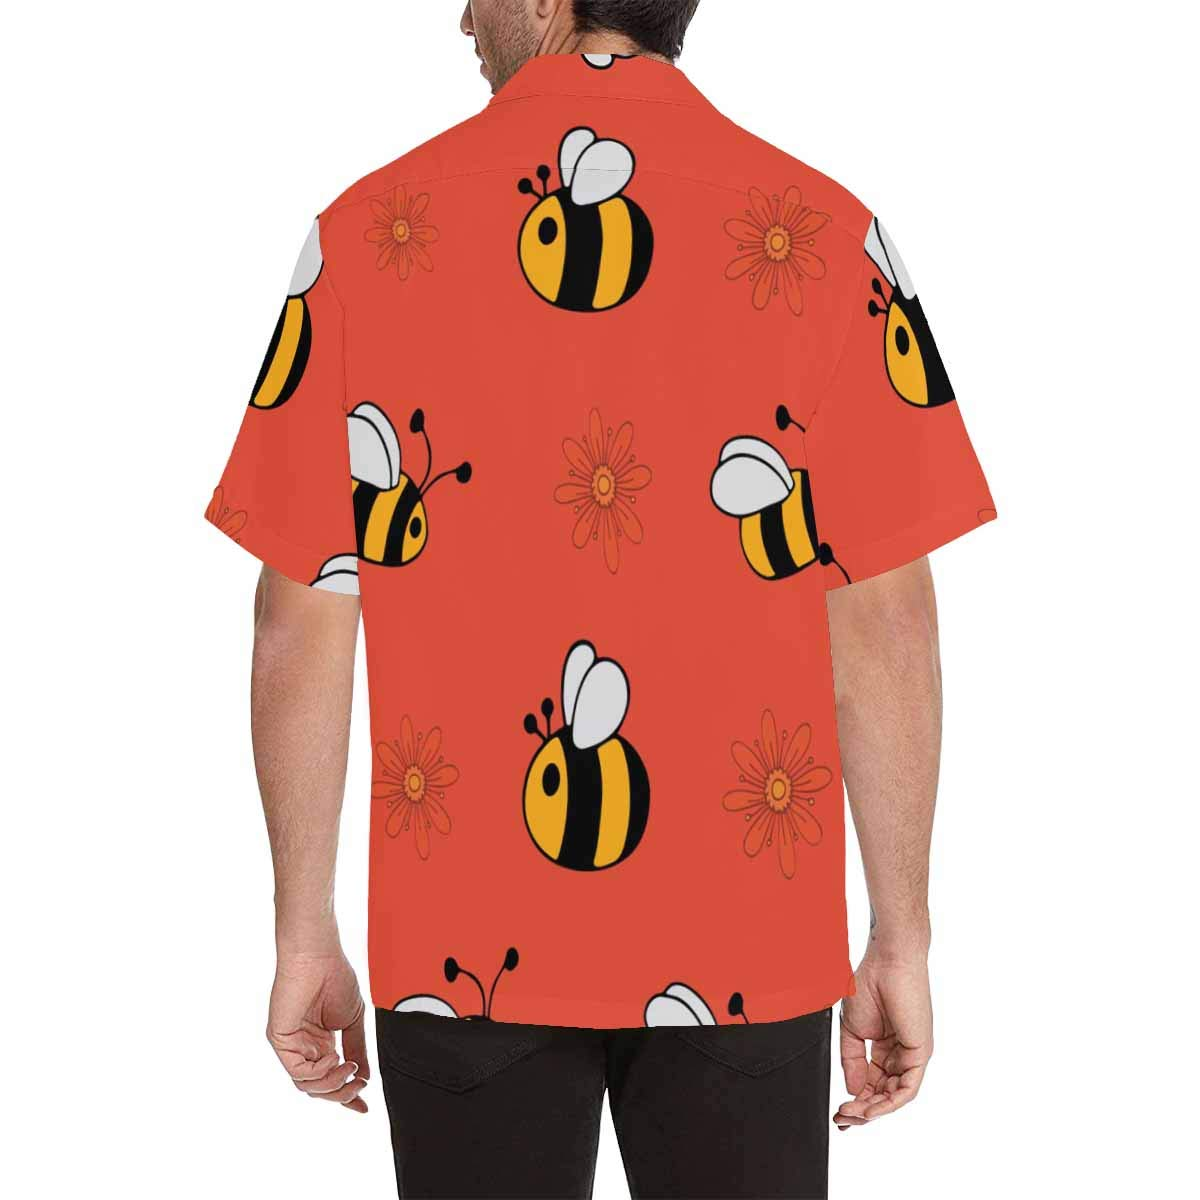 InterestPrint Bees Shirt Casual Button Up Tee